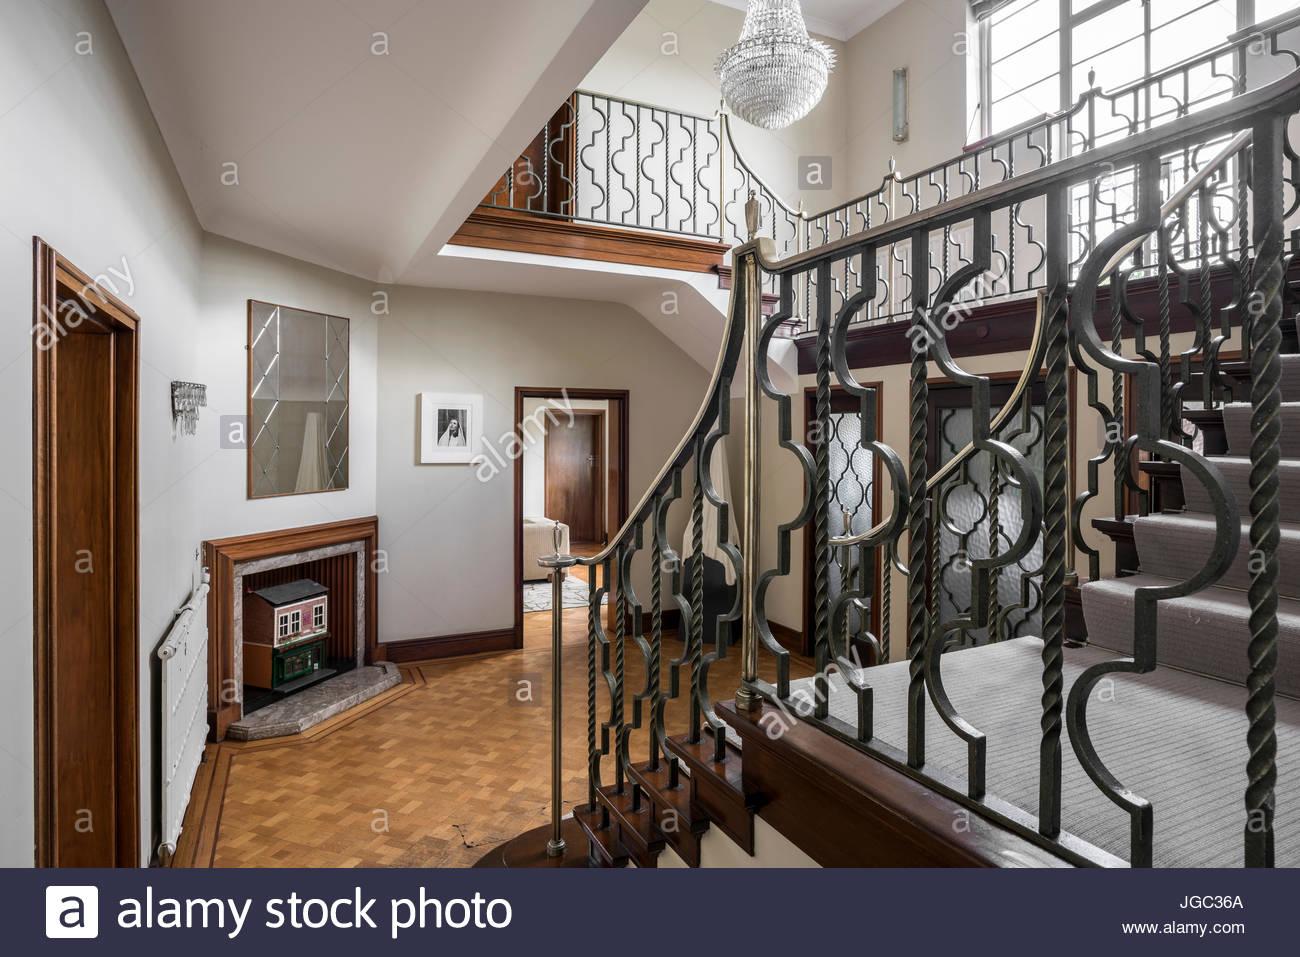 Schmiedeeiserne Geländer Treppenhaus In 1930er Jahren Art Deco London Nach  Hause